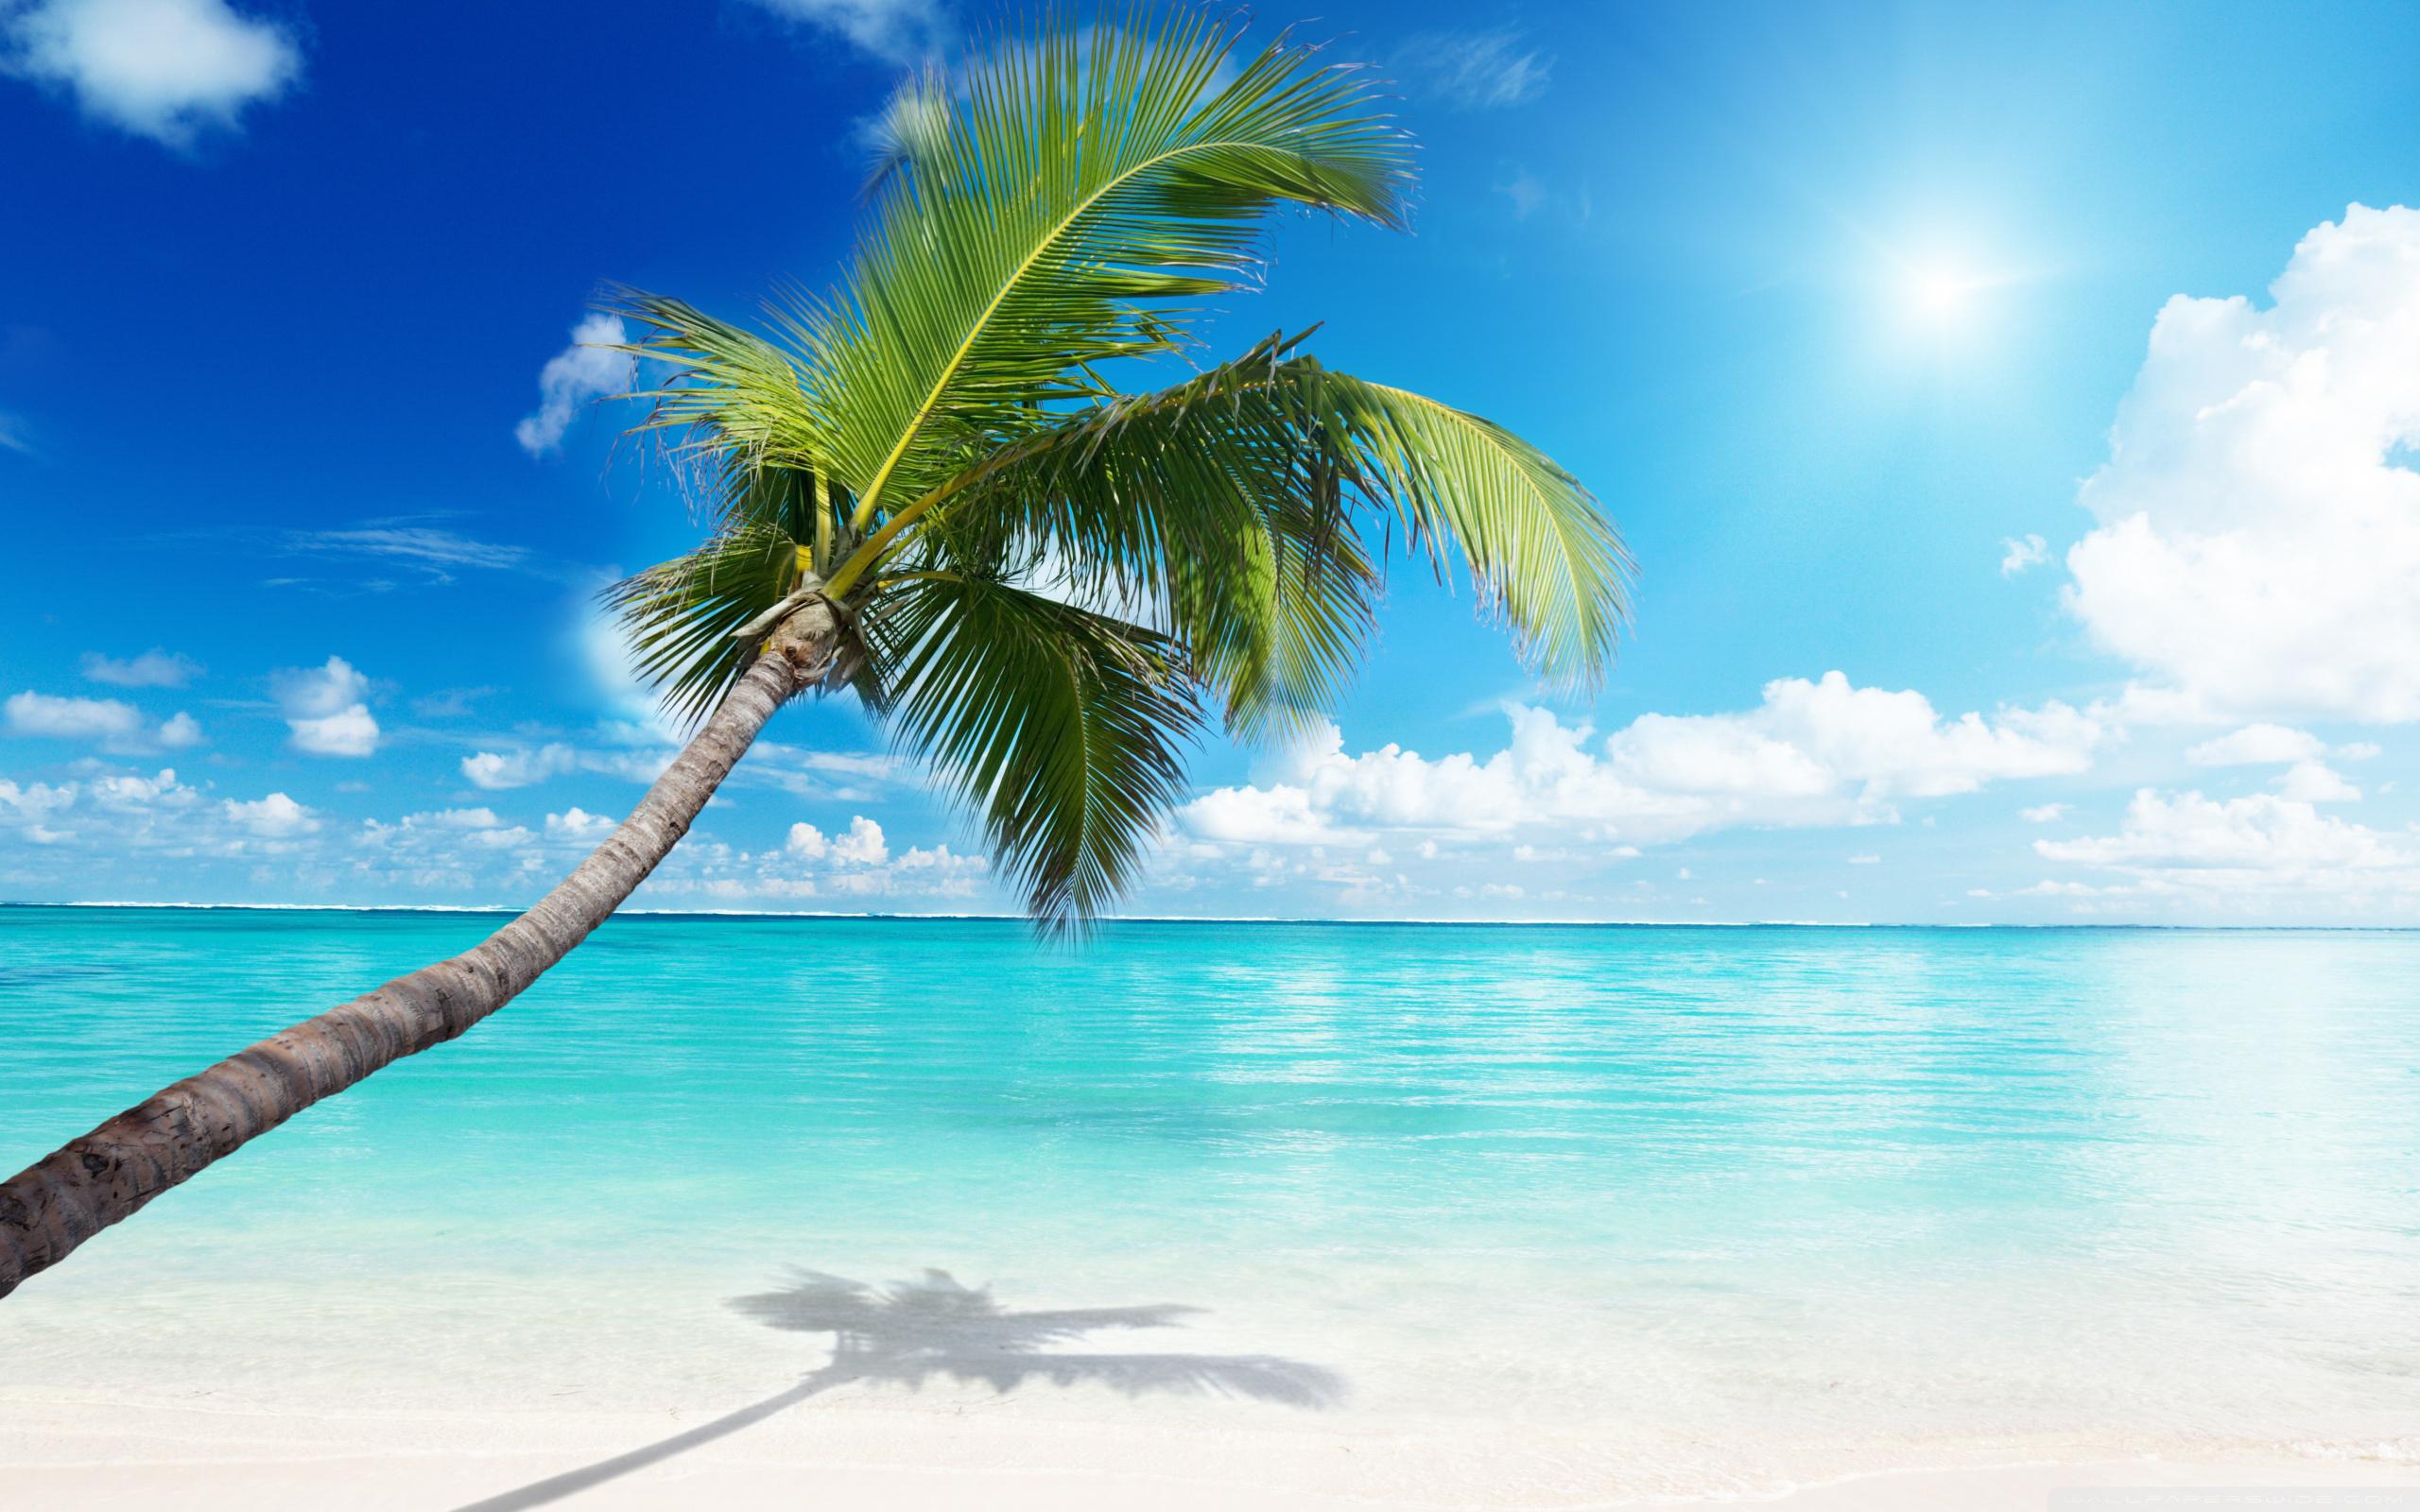 нефрит пальма фото